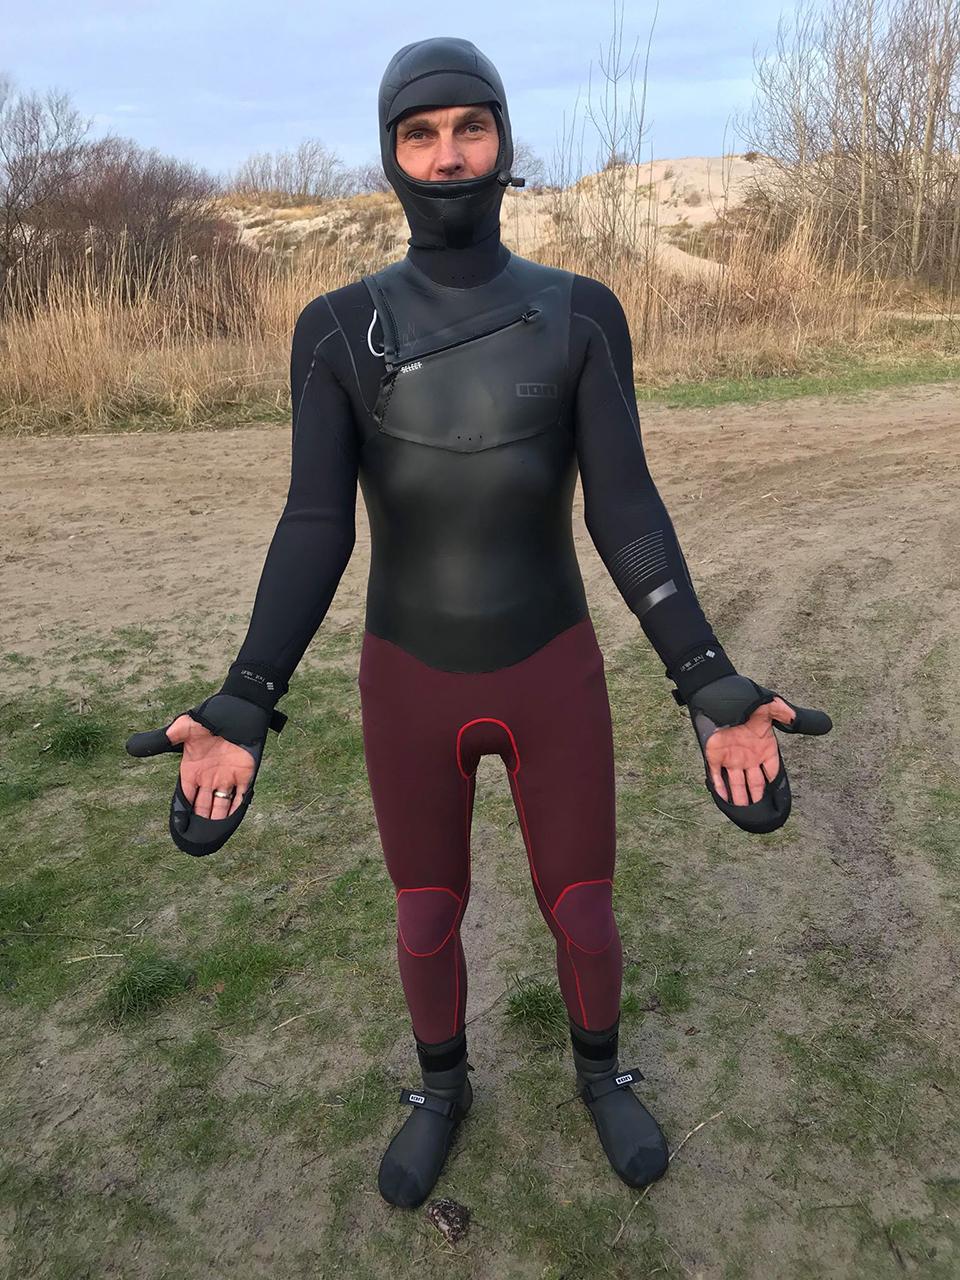 Pirštinės yra daugiausiai diskomforto sukelianti aprangos dalis. Aš išsikarpau serijinių pirštinių delną taip, kad nebūtų neopreno tarp delno ir giko. Trukdymo beveik nejaučiu. Tokios pirštinės nešildo vandenyje. Tenka irtis kumščiais, jei reikia irtis toliau nei 20 metrų. Gobtuvas užtrauktas iki nosie karšto oro pūtimui į kostiumo vidų, bet yra pavojus užspringti įkritus į vandenį.